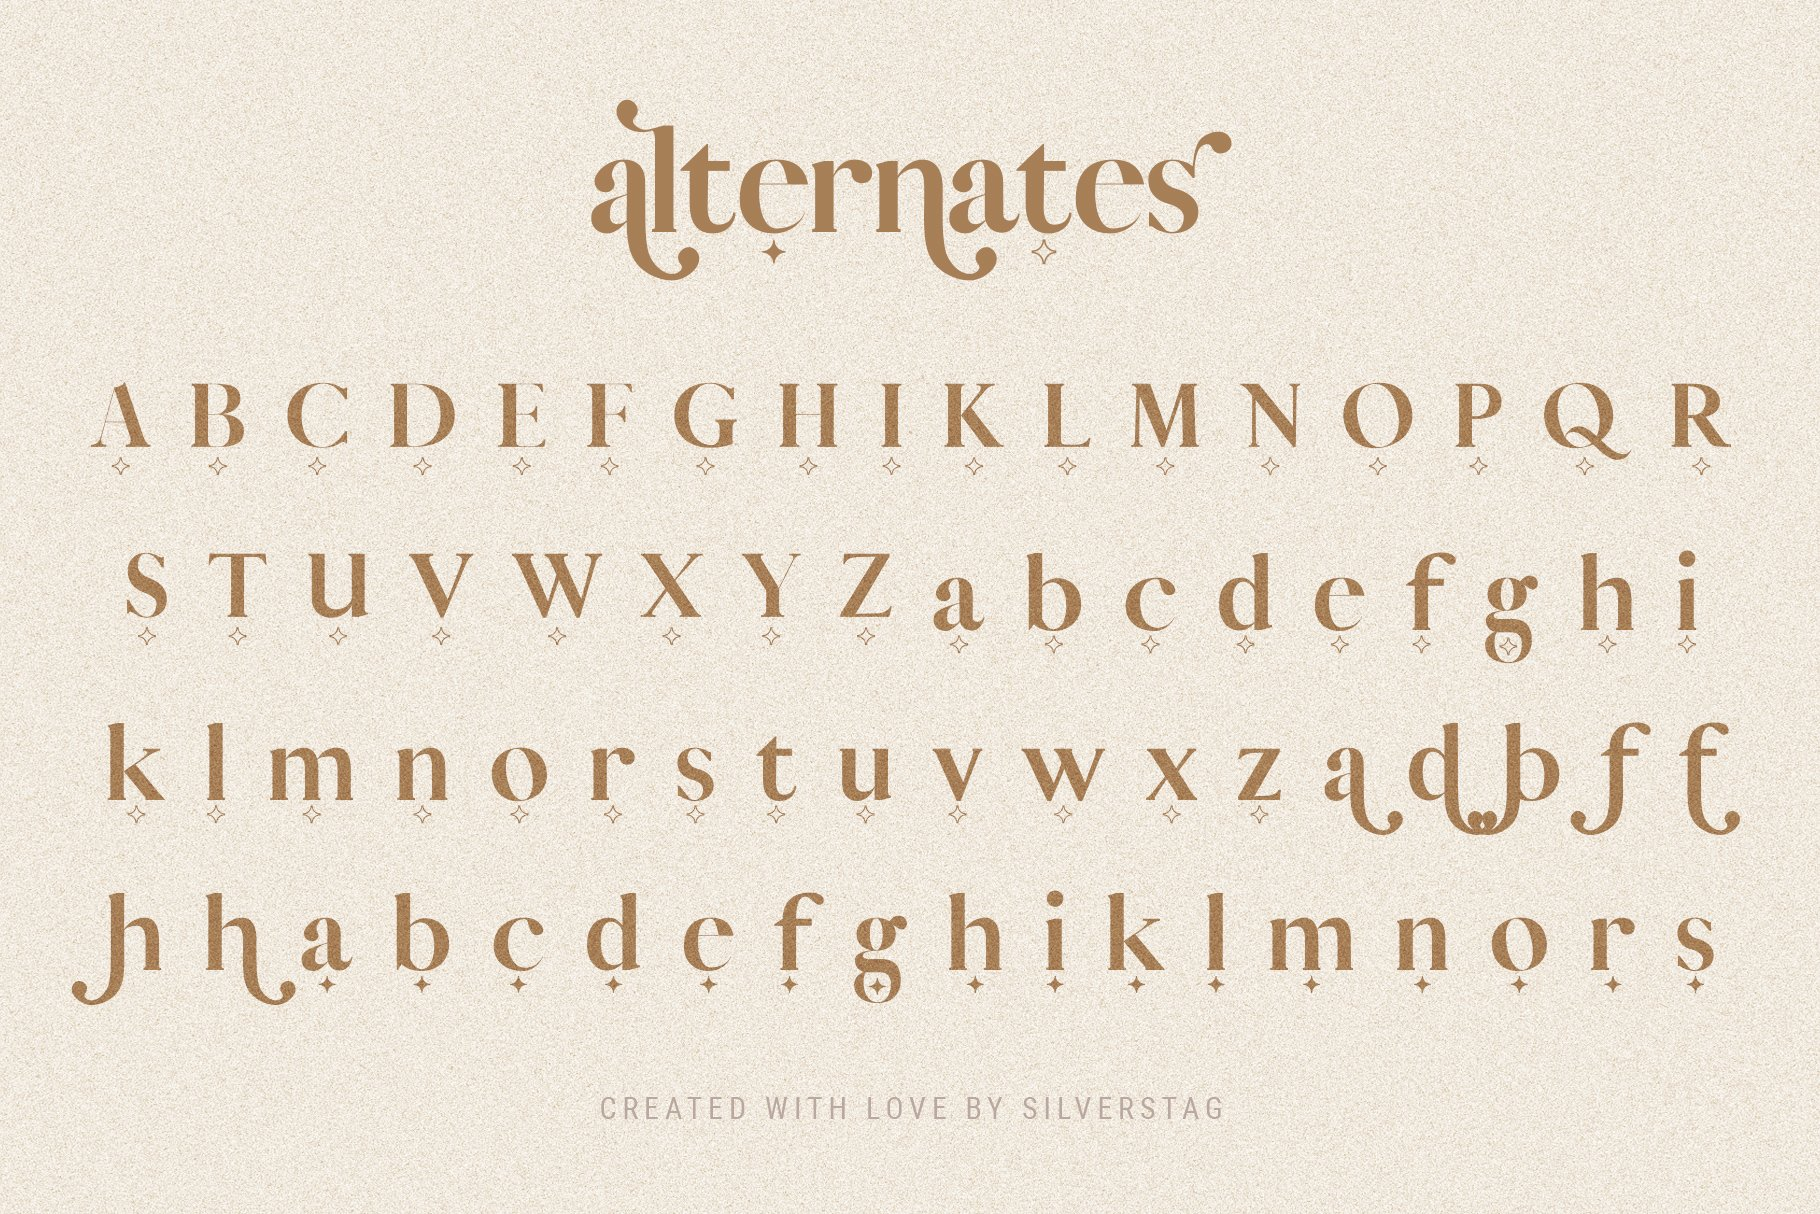 Vicky Christina - Chic & Stylish Ligature Serif Font example image 13